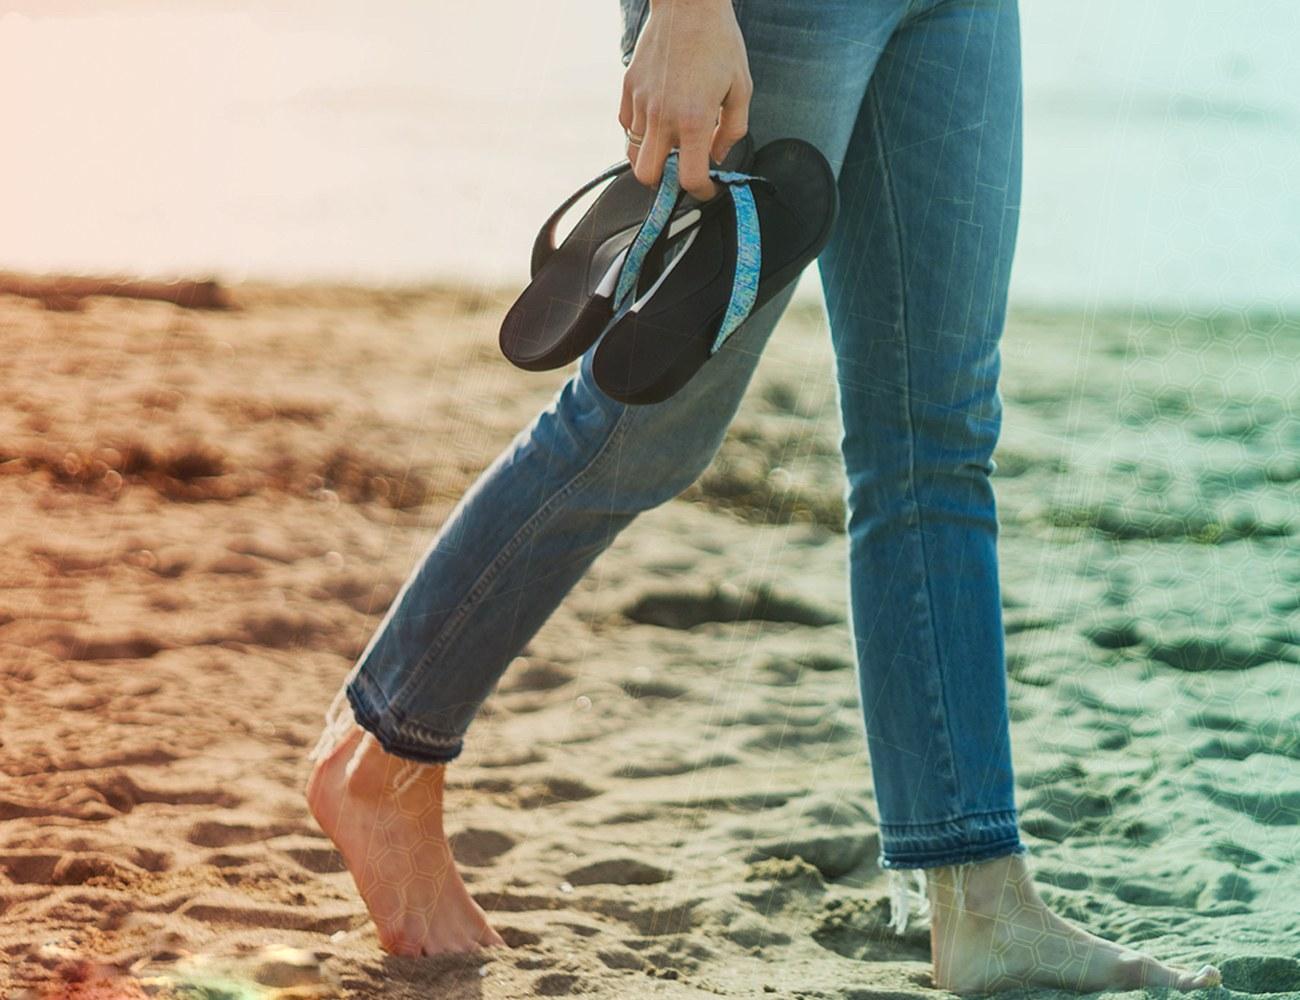 4508d902a Wiivv Custom Fit 3D Printed Sandals » Gadget Flow